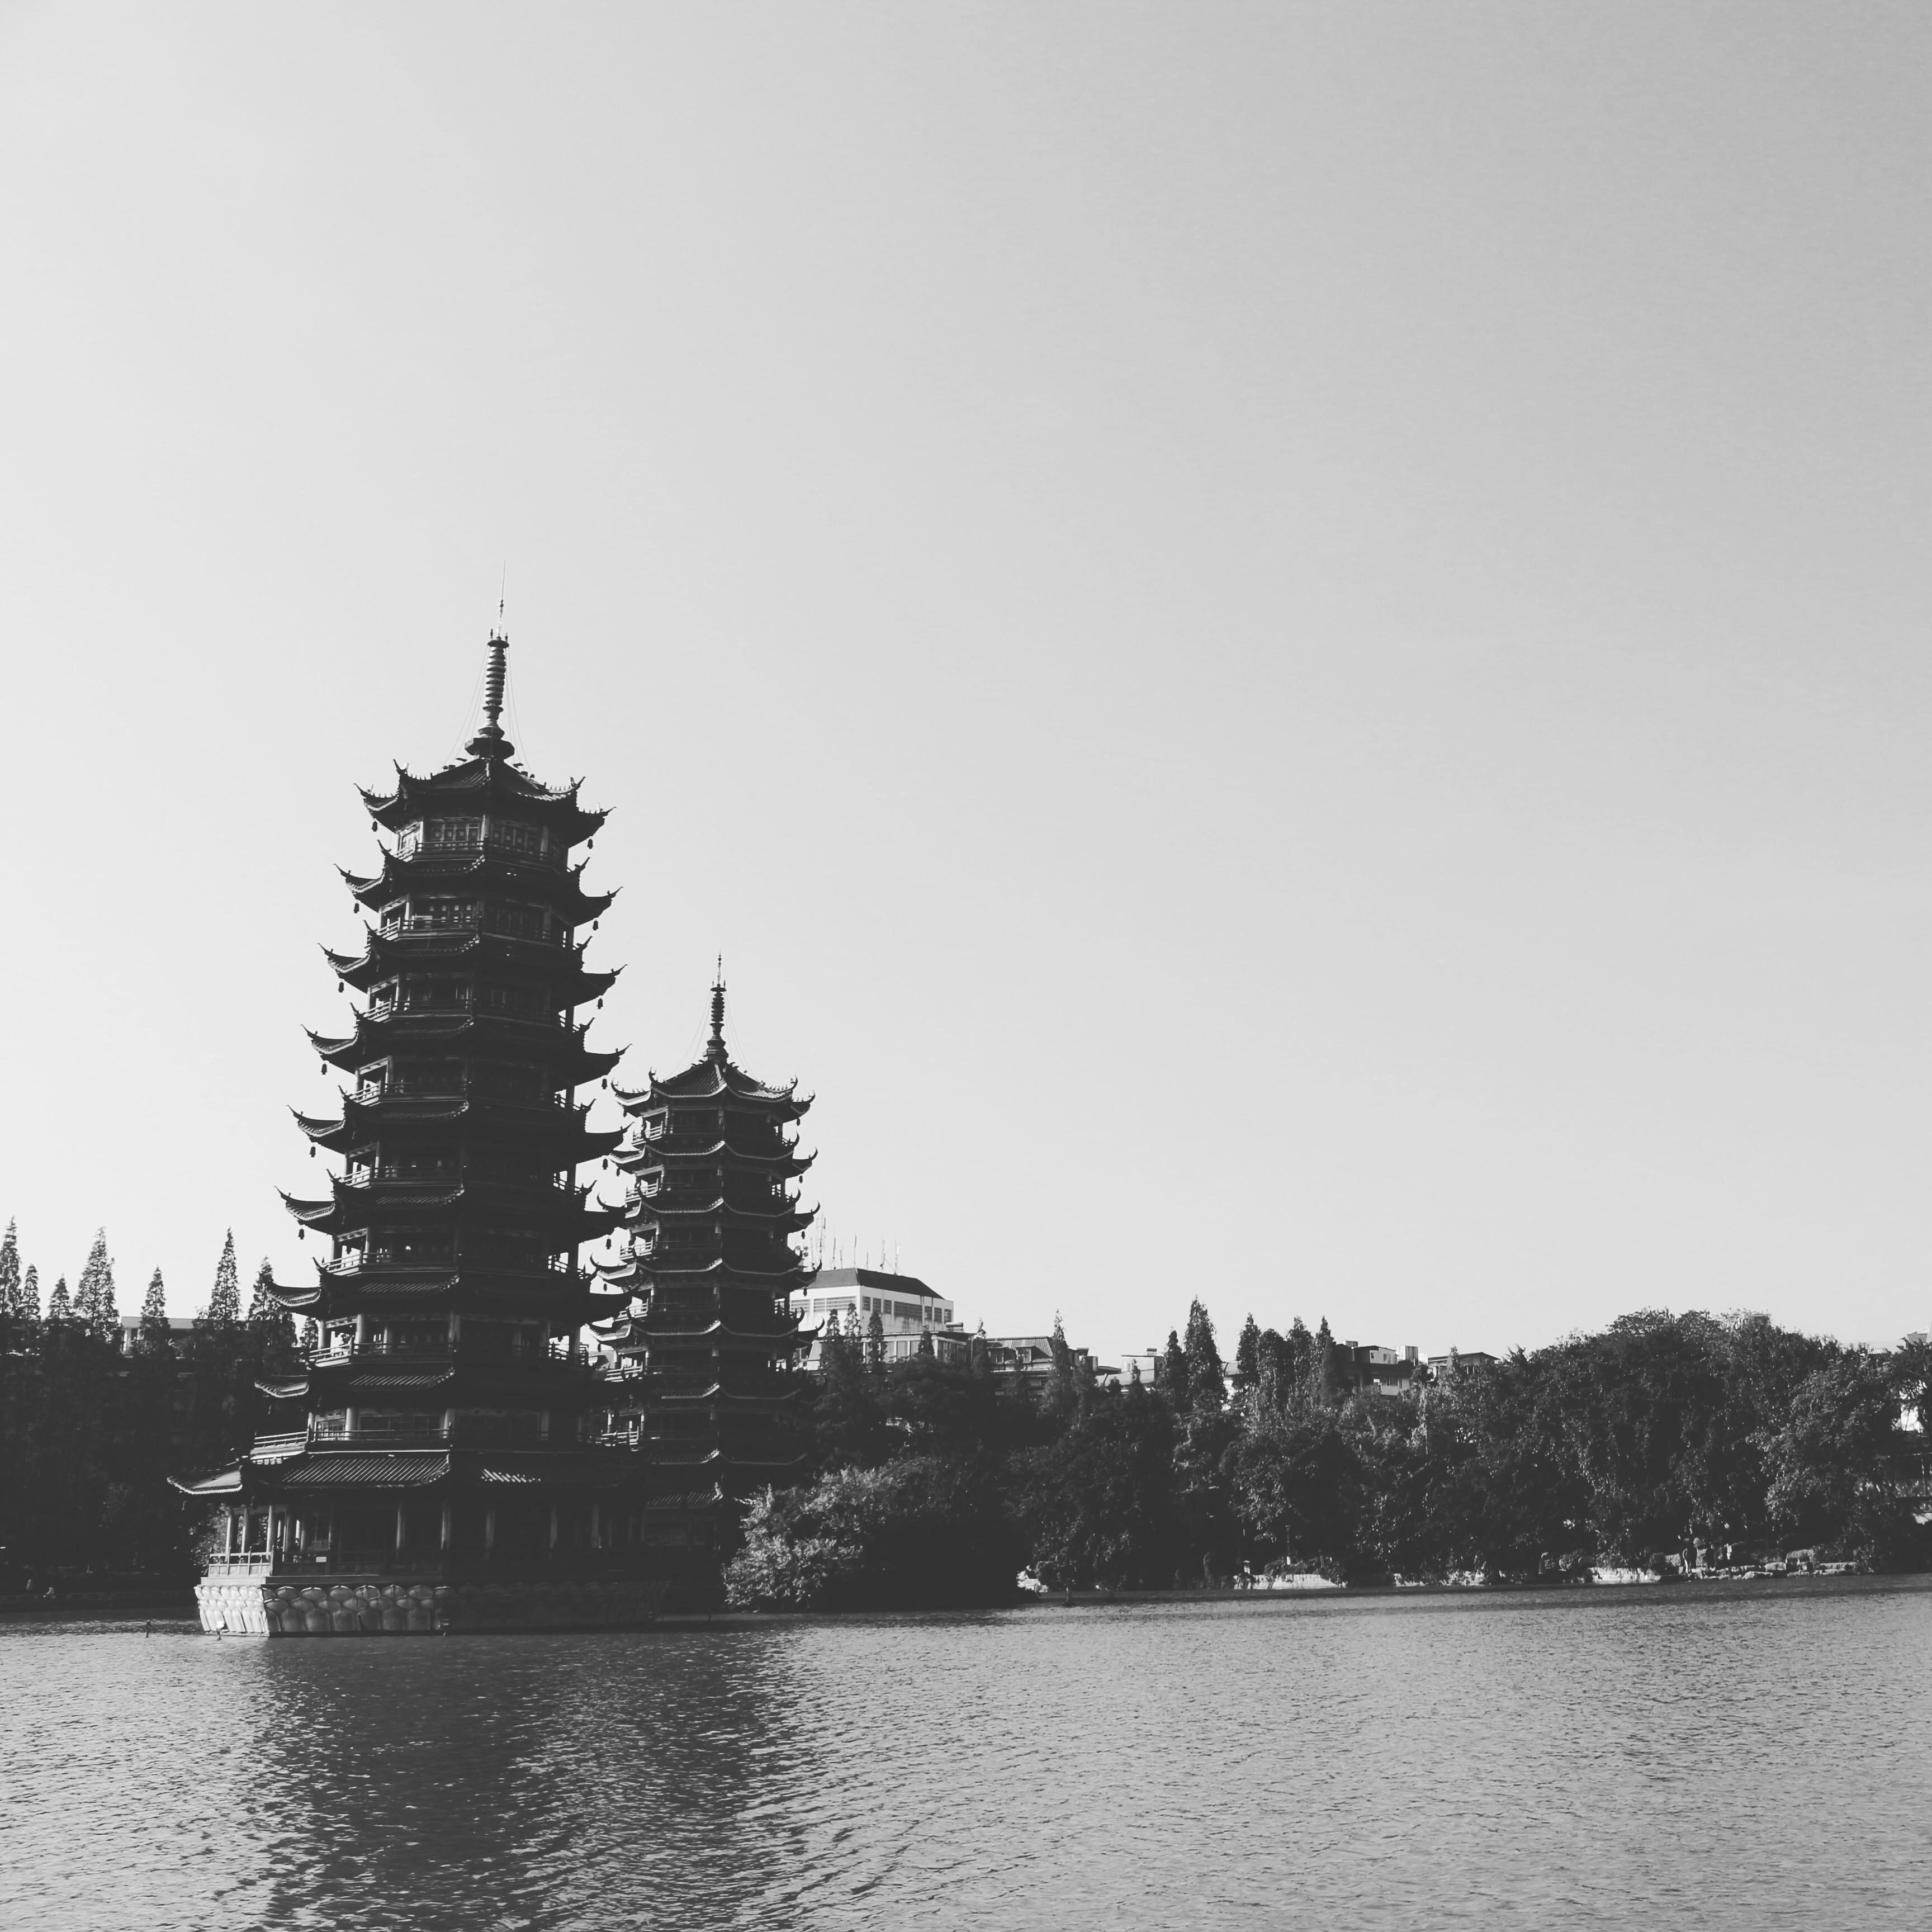 入画大漓江、象鼻山、靖江王城、遇龙河漂流、银子岩、世外桃源、桂林千古情双飞6日游